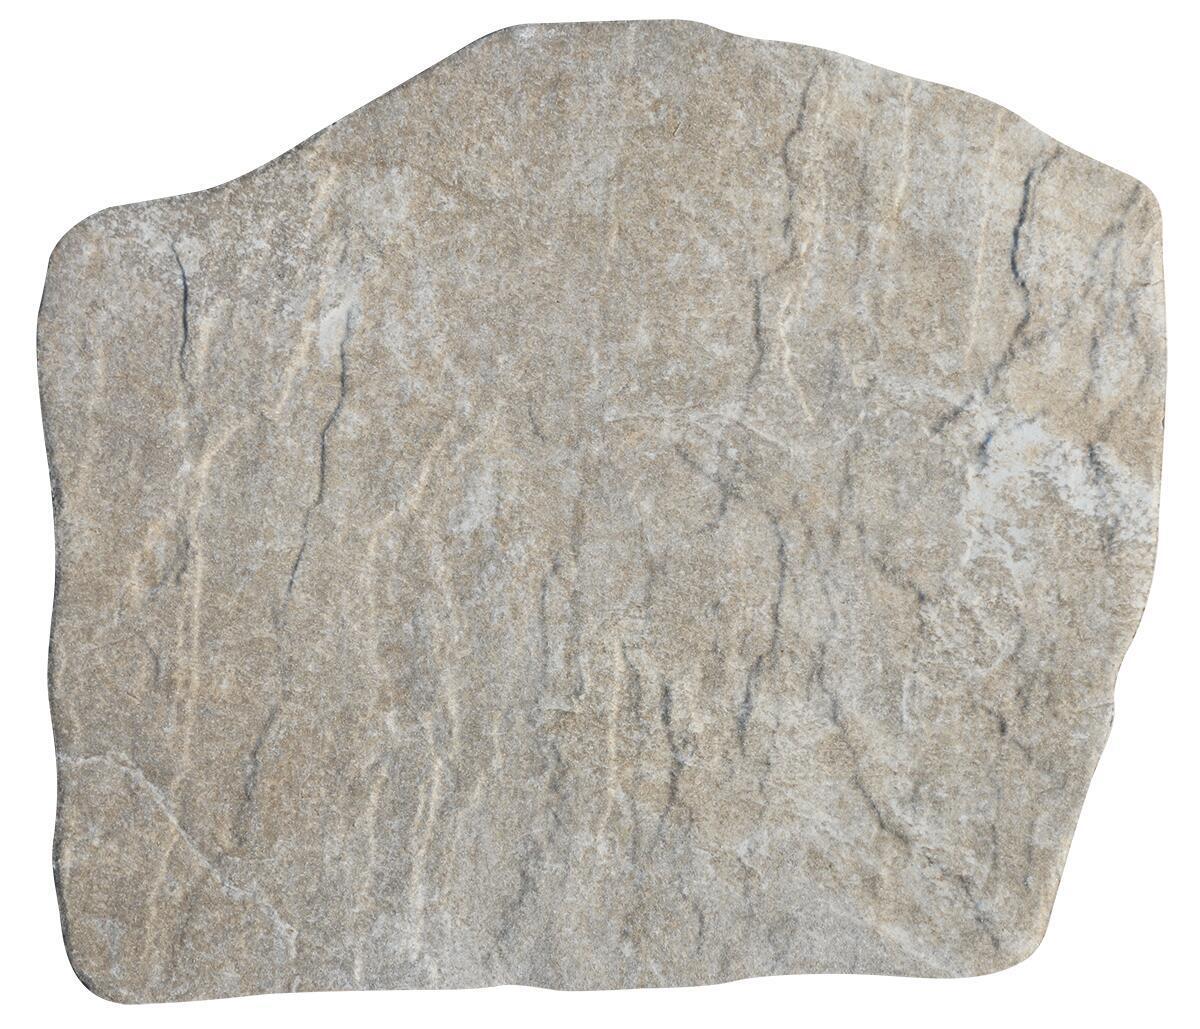 Traversa in pietra naturale beige L 42 x H 2 cm